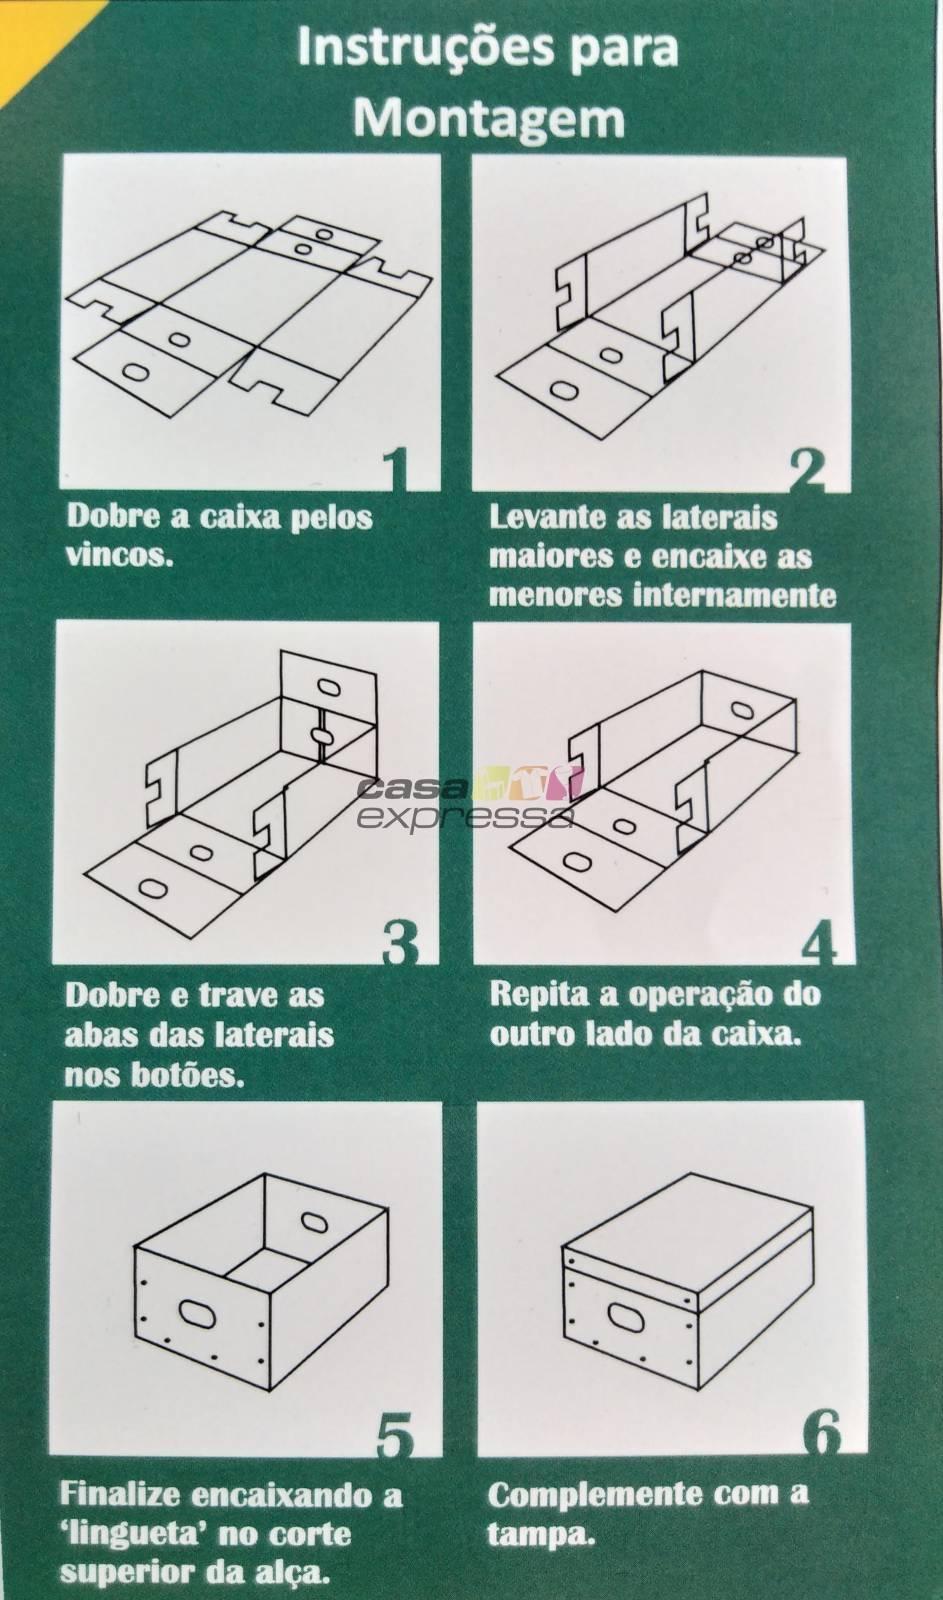 Caixa Organizadora Transparente - CASA EXPRESSA